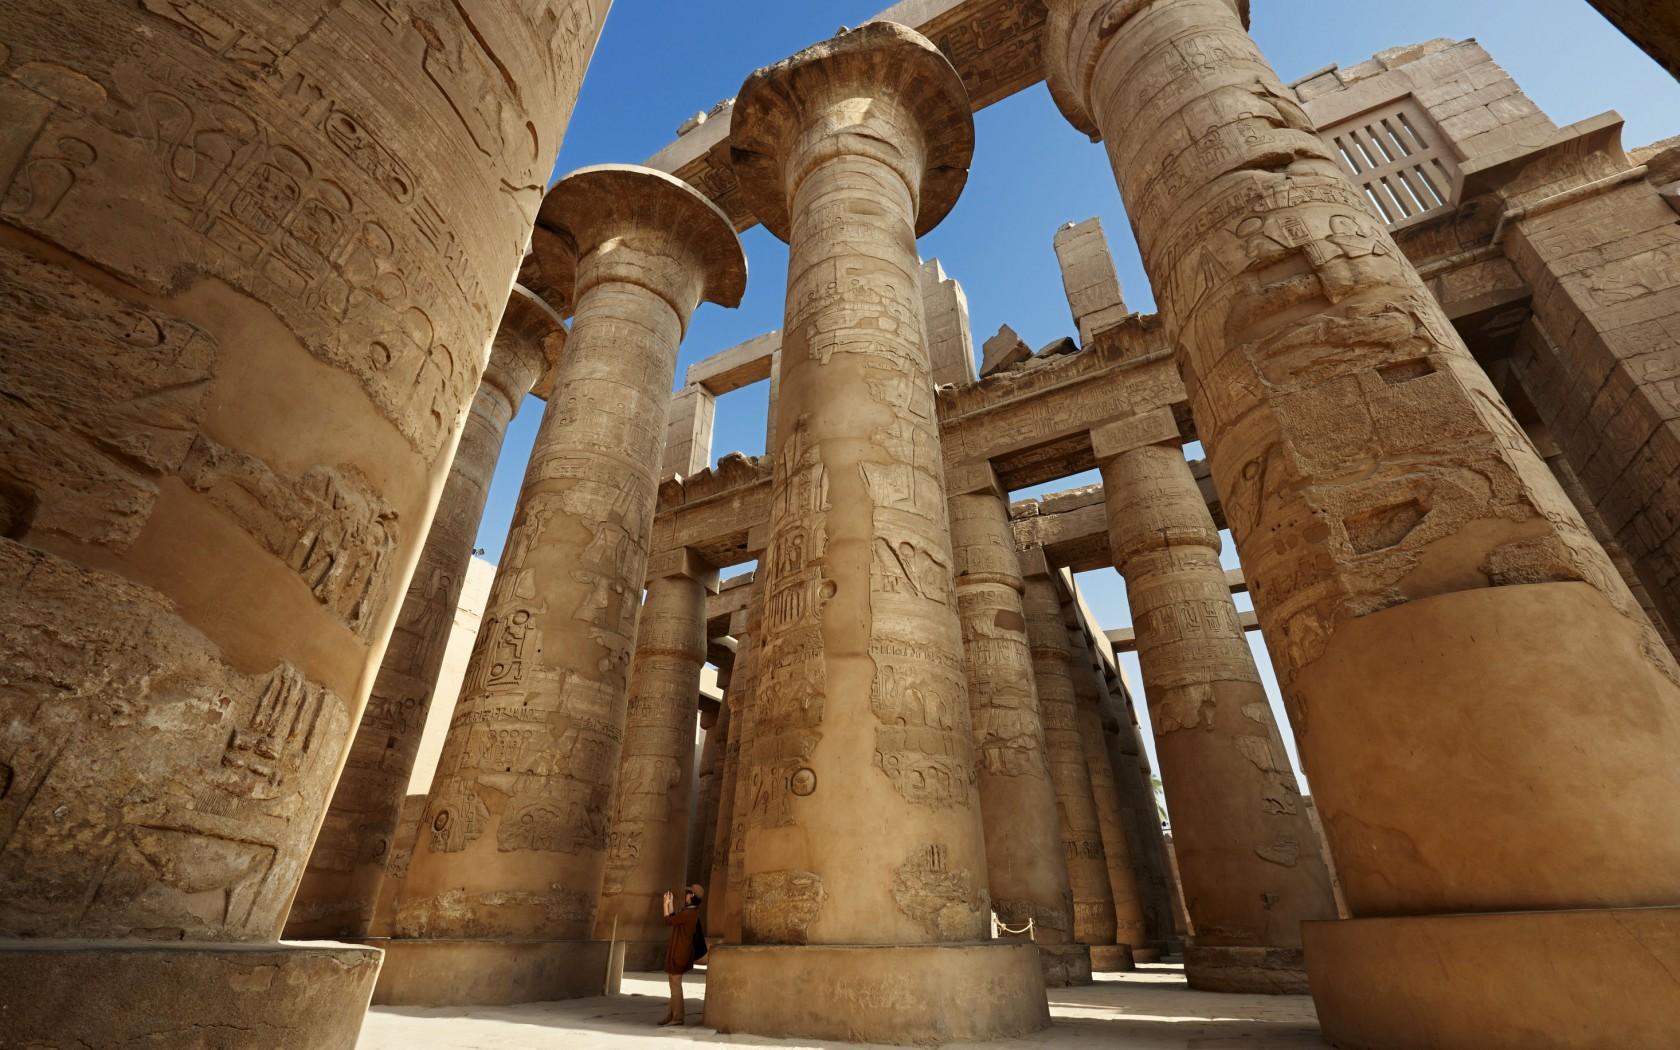 #egypt #egypttourism #rivernile #luxor #karnaktemple